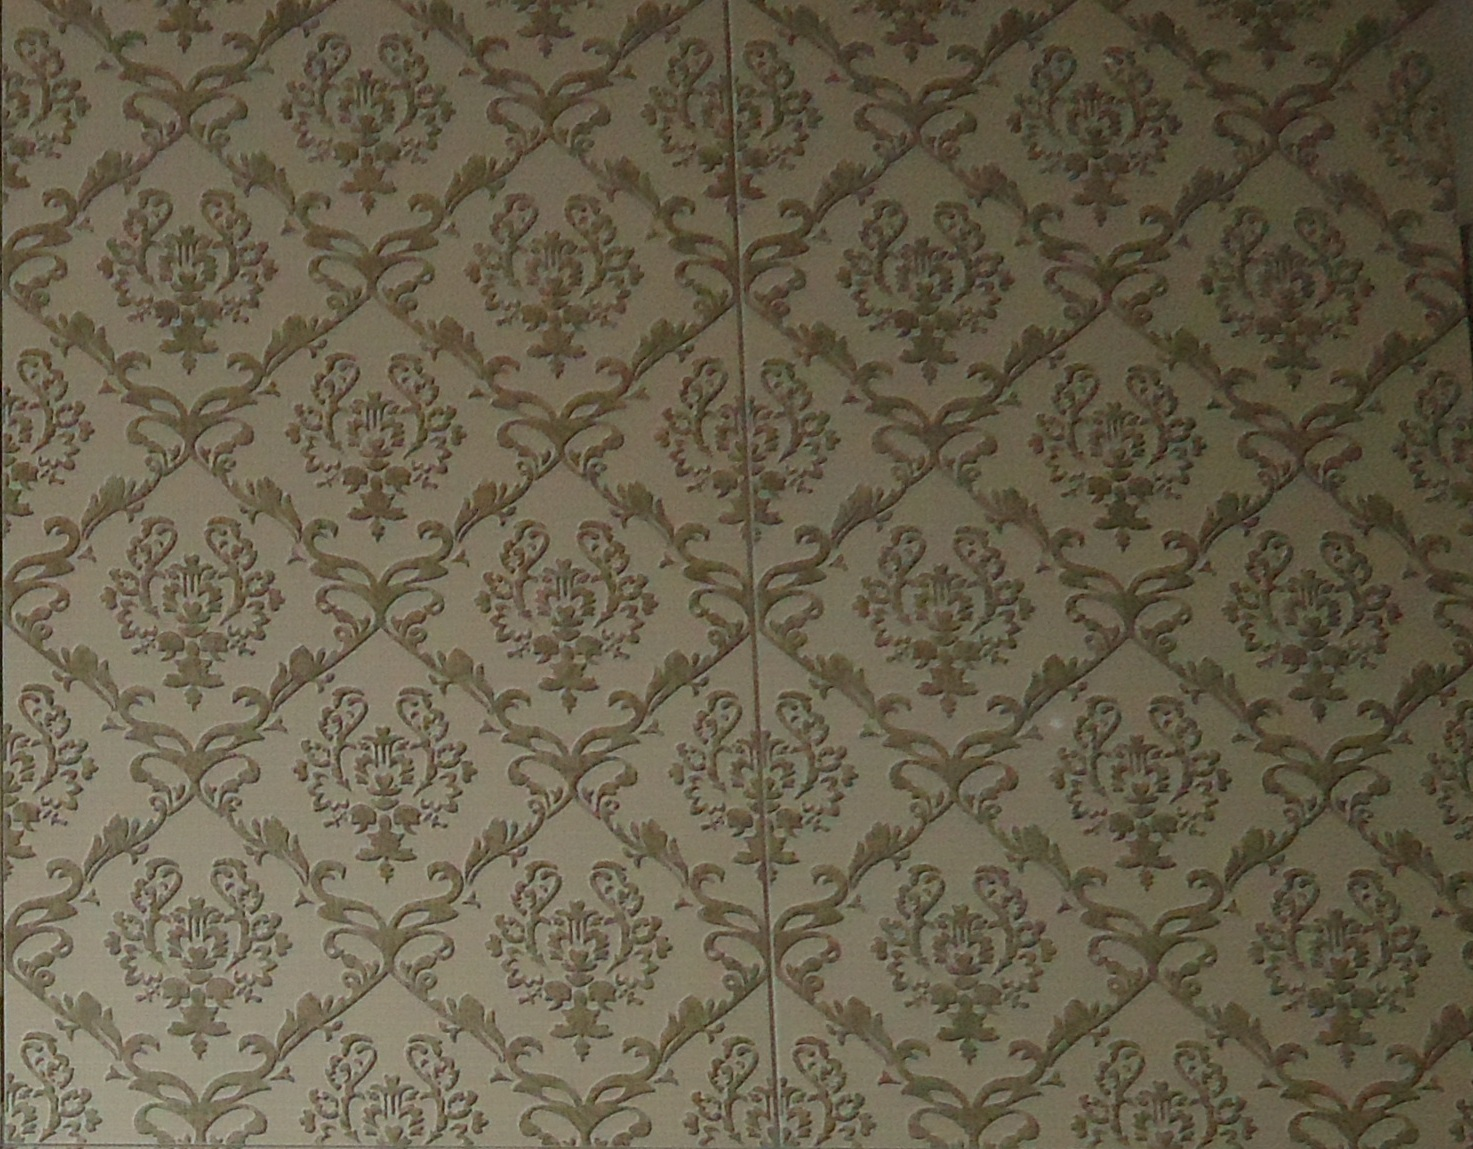 #49412D  ! ele é acetinado e tem textura de papel de parede coisa de louco 1473x1149 px reformar banheiro com papel de parede